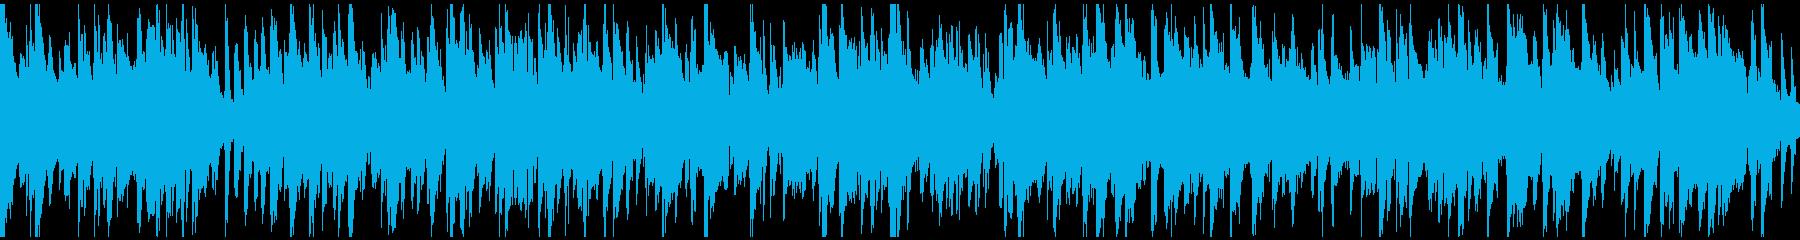 ライトで軽い音色のジャズ ※ループ仕様版の再生済みの波形